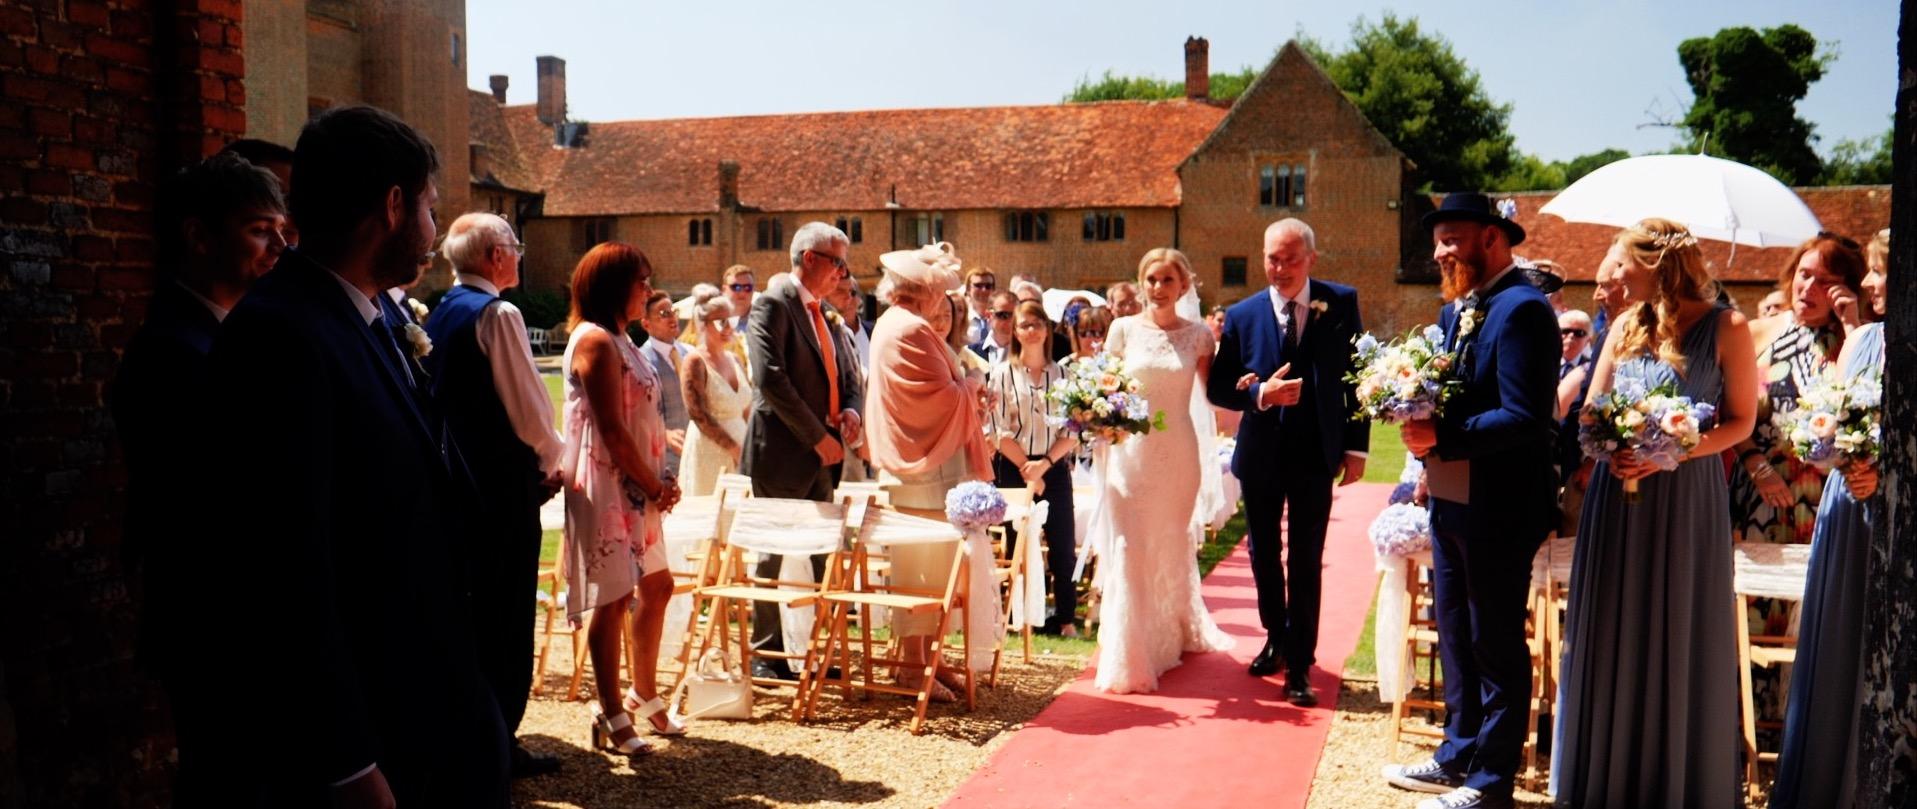 Leez Priory Ceremony